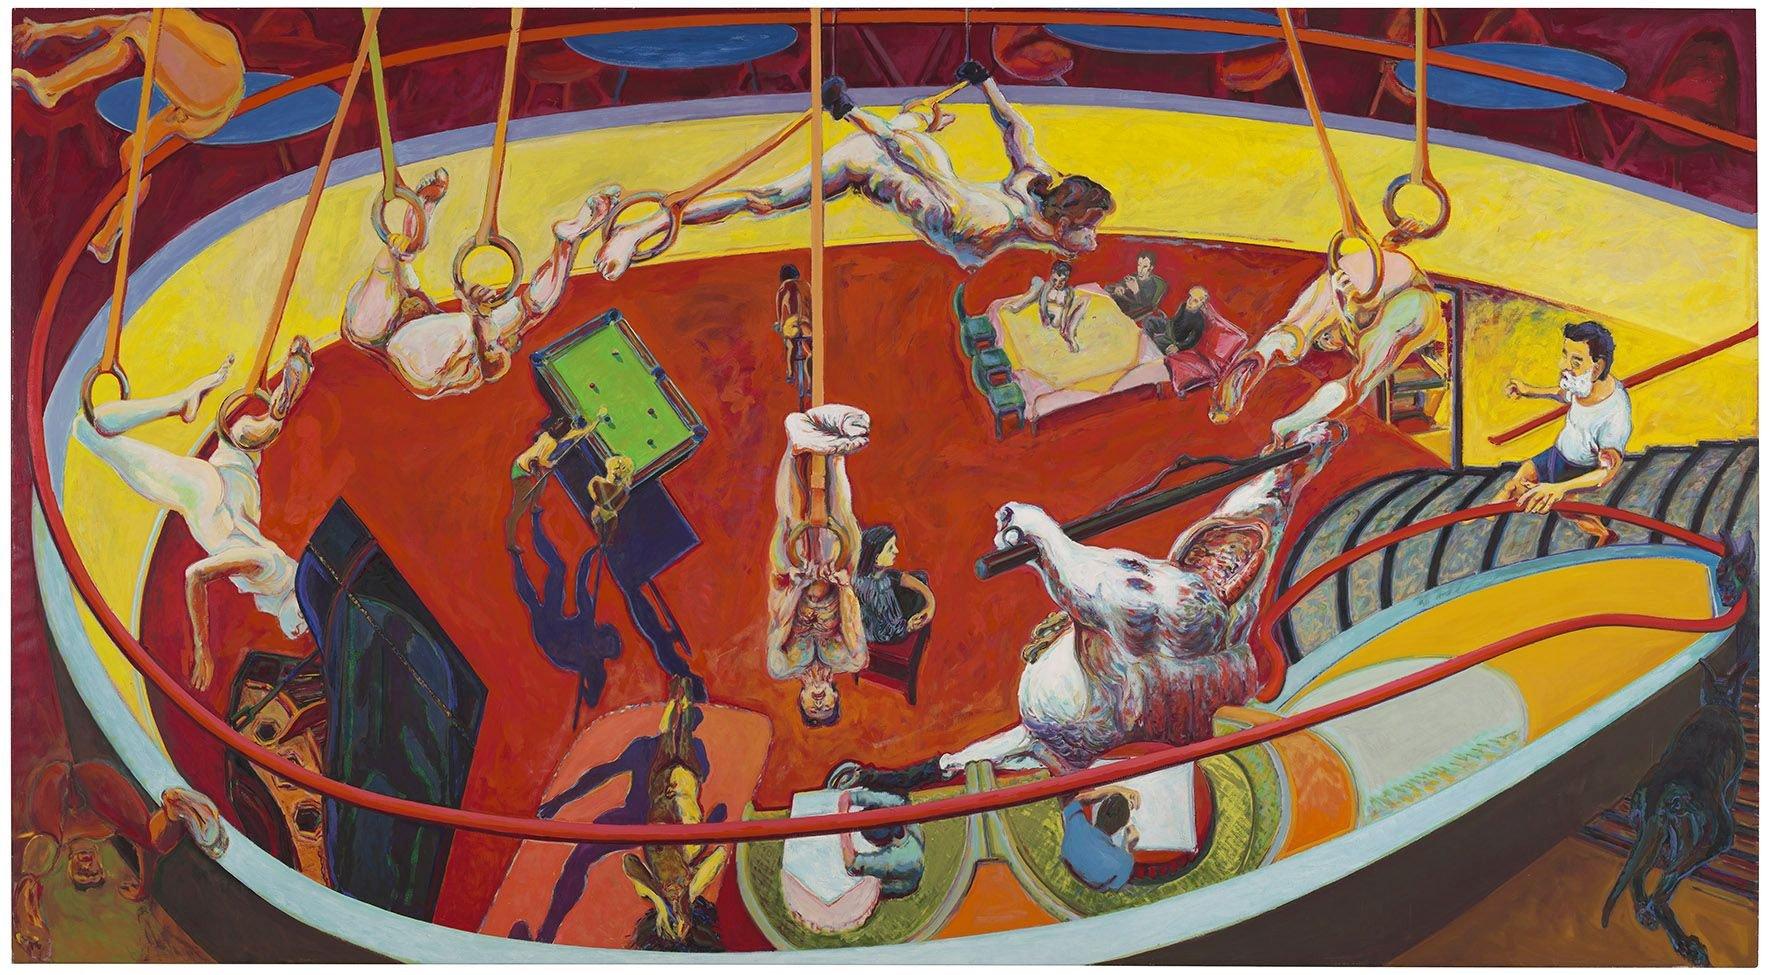 Norbert Tadeusz, Das große Ei (Casino I), 1987, Estate Norbert Tadeusz / Petra Lemmerz © VG Bild Kunst, Bonn 2020. Foto : LWL / Hanna Neander